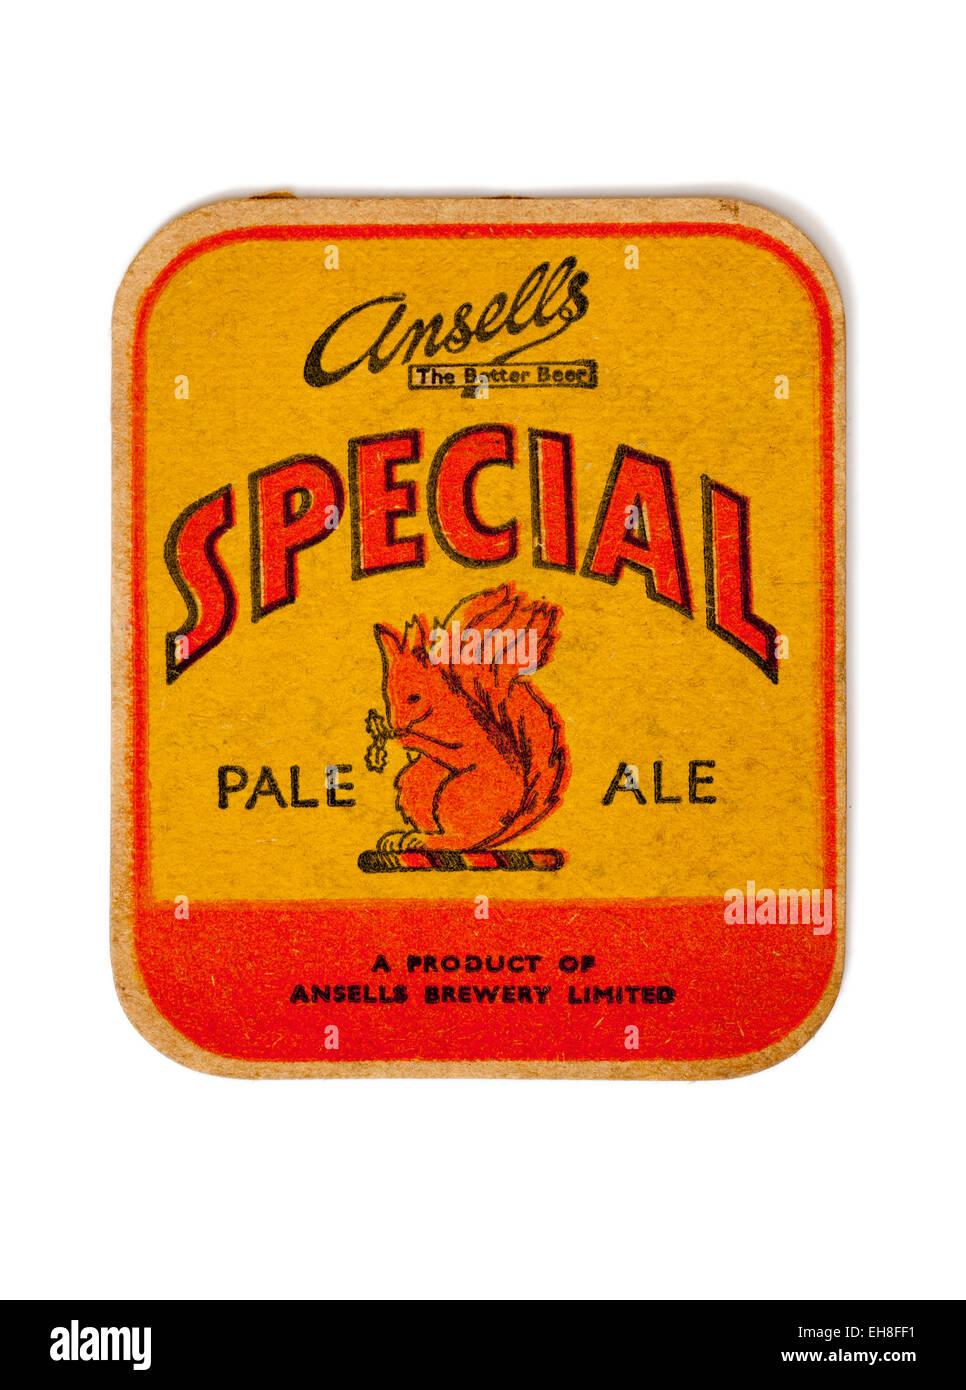 Vintage Beermat Advertising Ansells Special Pale Ale Beer - Stock Image